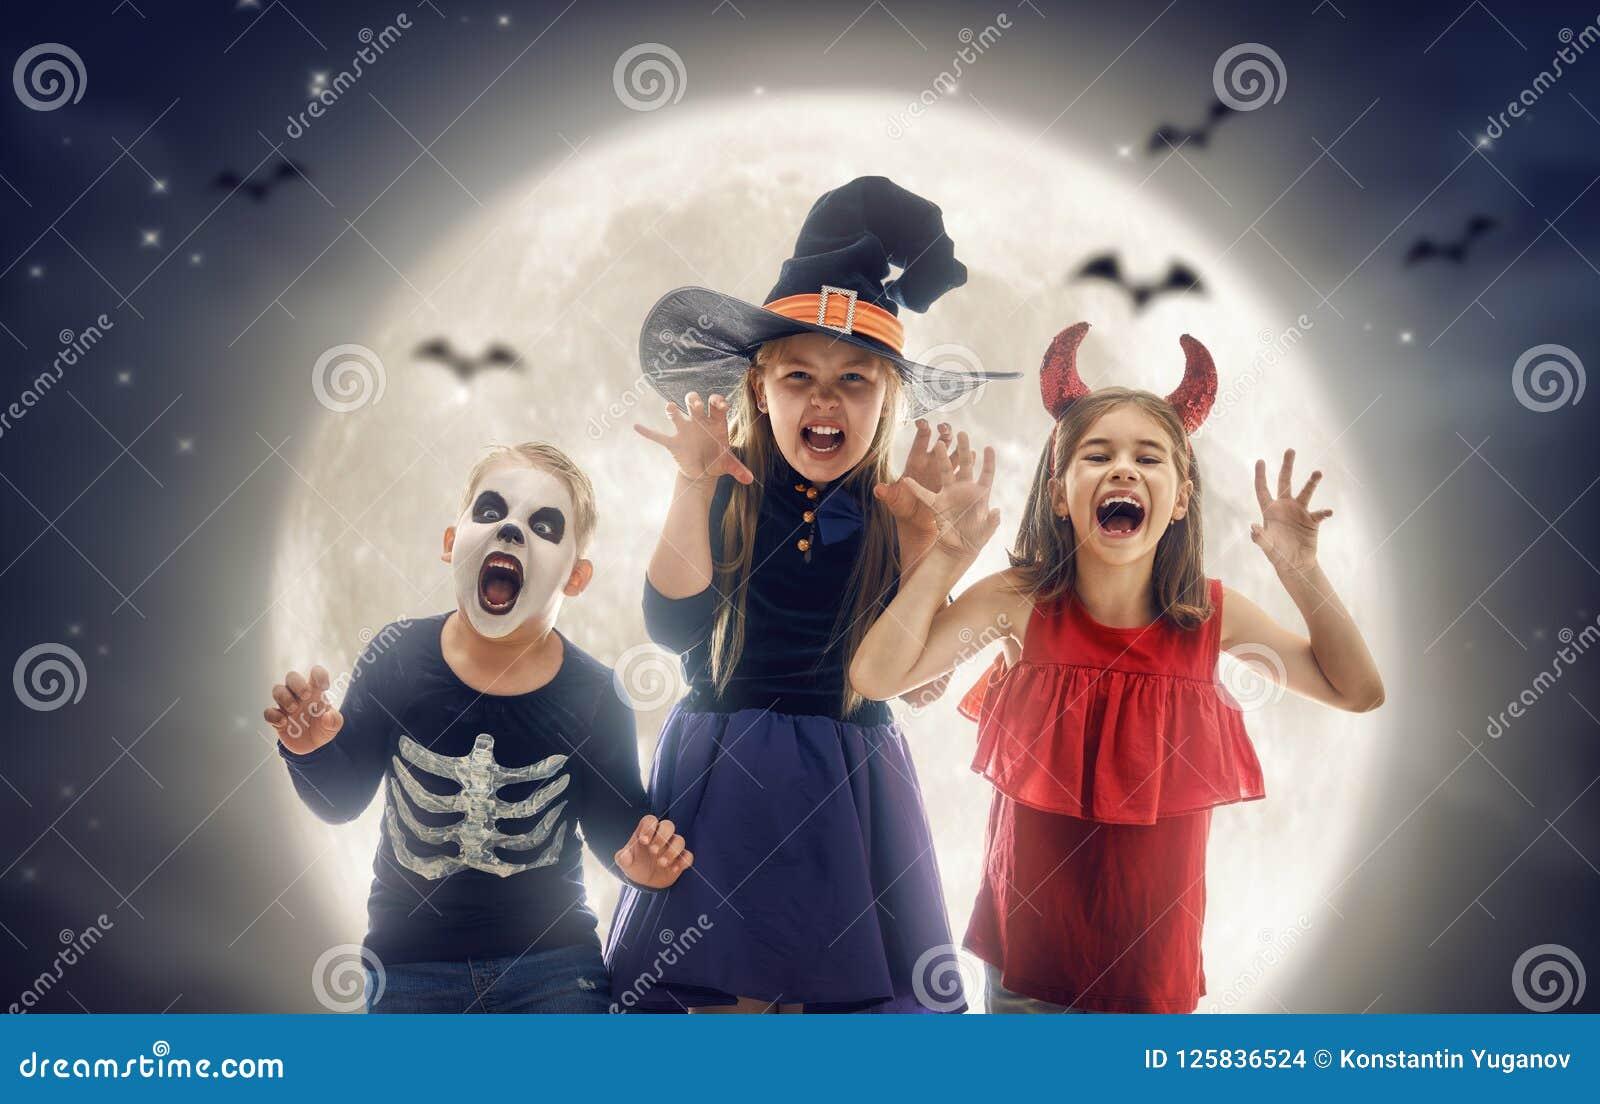 Niños el víspera de Todos los Santos